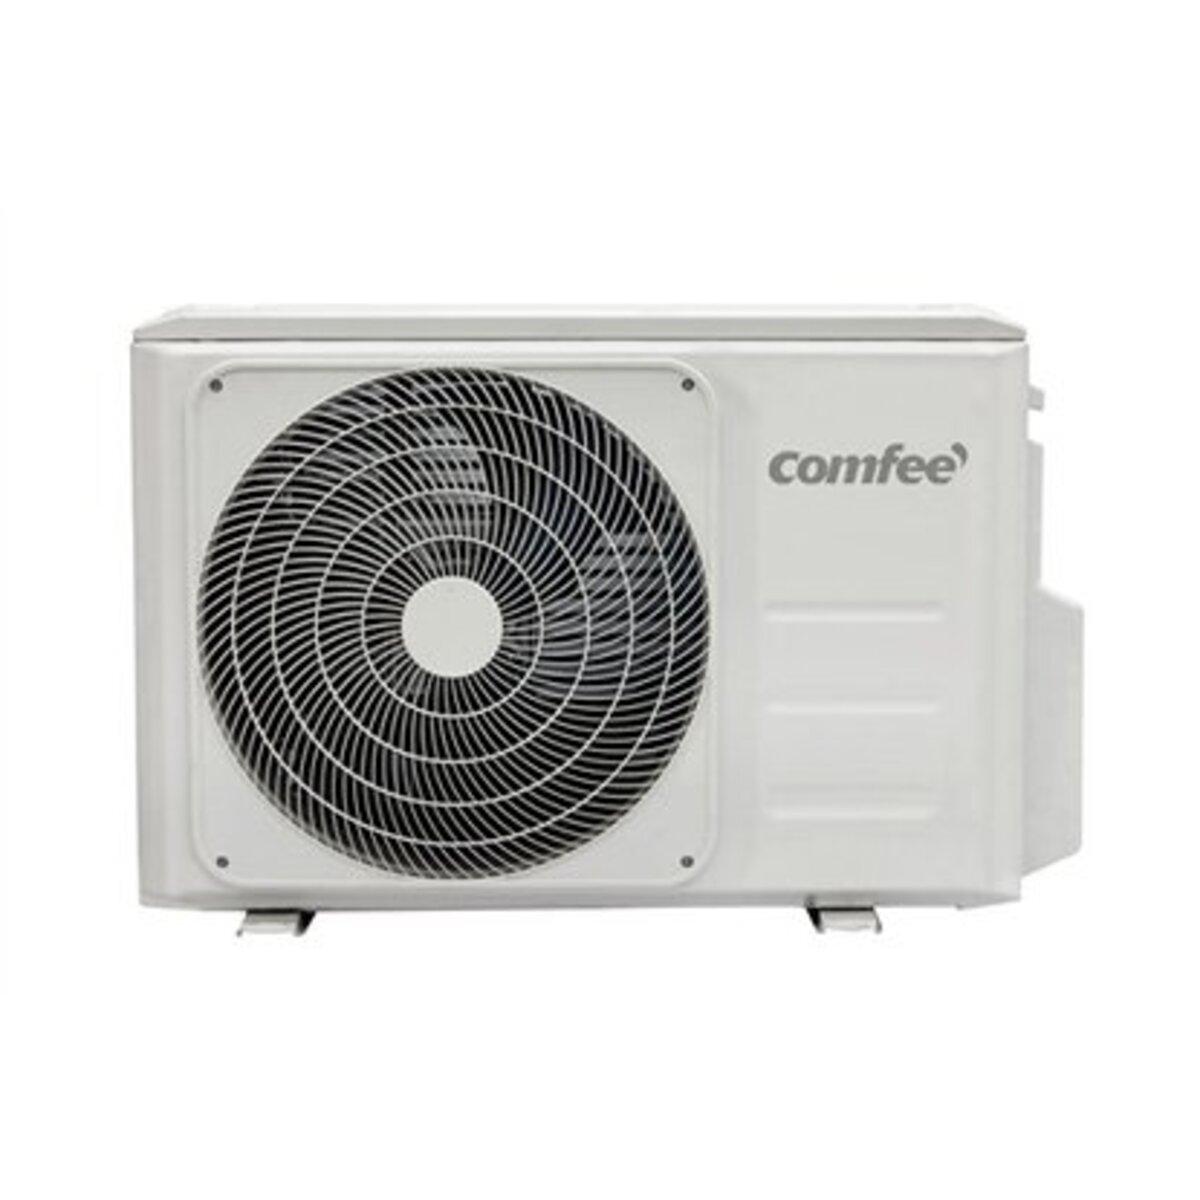 Bild 1 von Comfee Duo Split-Klimagerät 5,6 kW 18.000 BTU EEK: A+